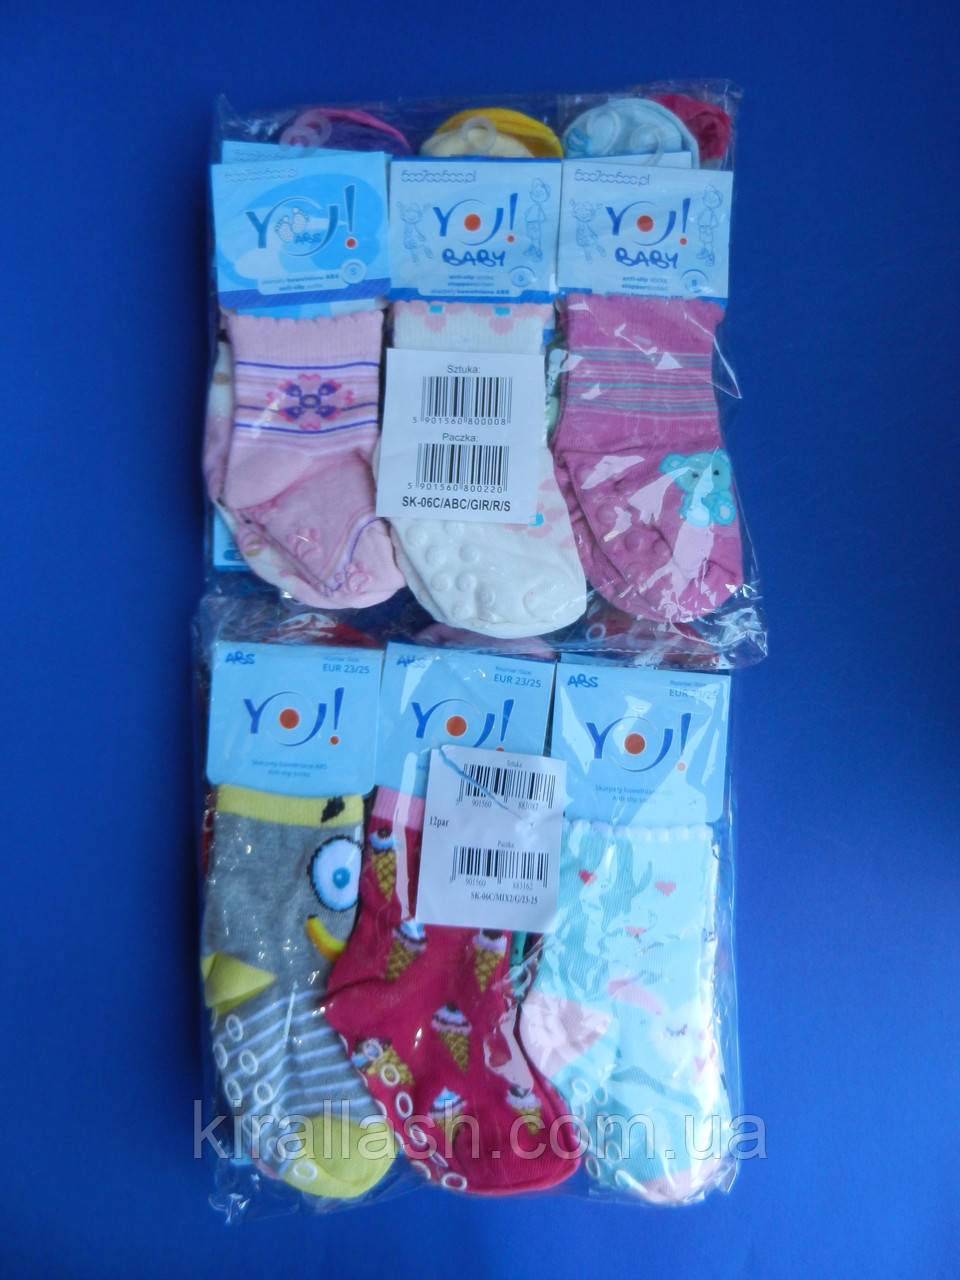 """Носки (L 23-24 размер) с ABS хлопок для девочек """"YO SCORPIO"""" с ТОРМОЗАМИ на подошве  Польша"""